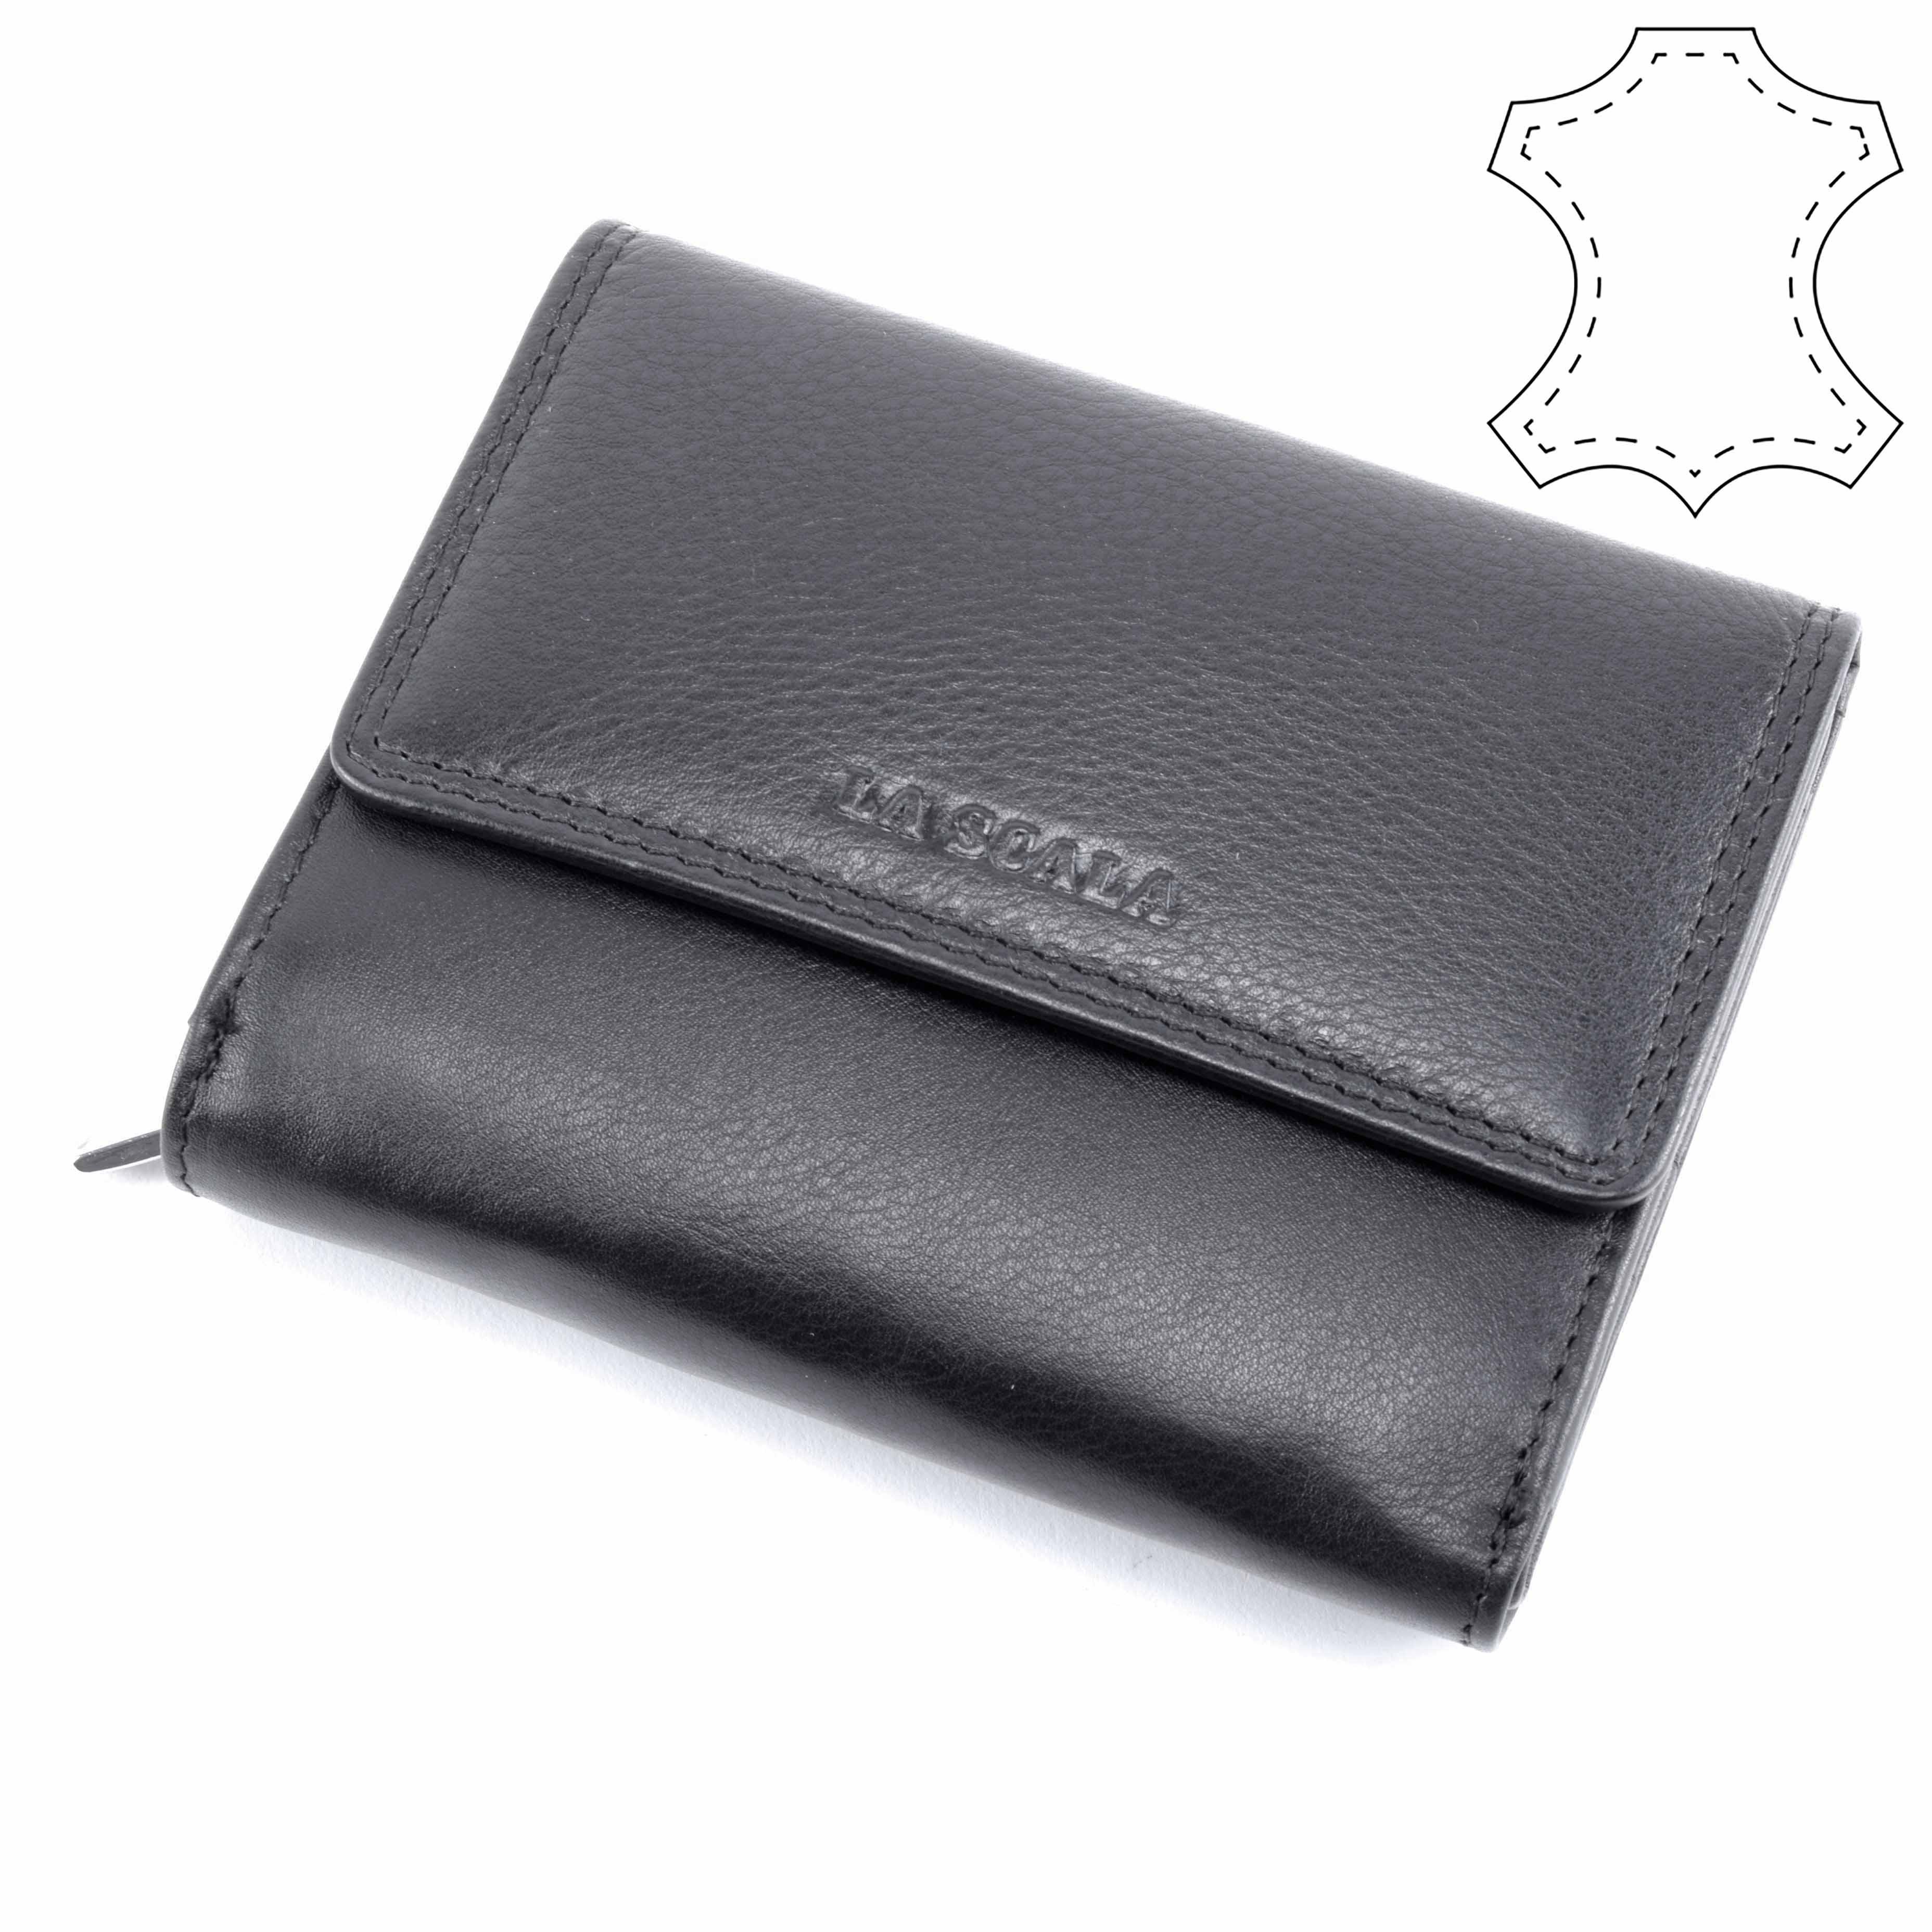 LA SCALA Férfi Fekete Bőr Pénztárca - FÉRFI PÉNZTÁRCA - Táska webáruház - Minőségi  táskák mindenkinek 5d2fa920ad